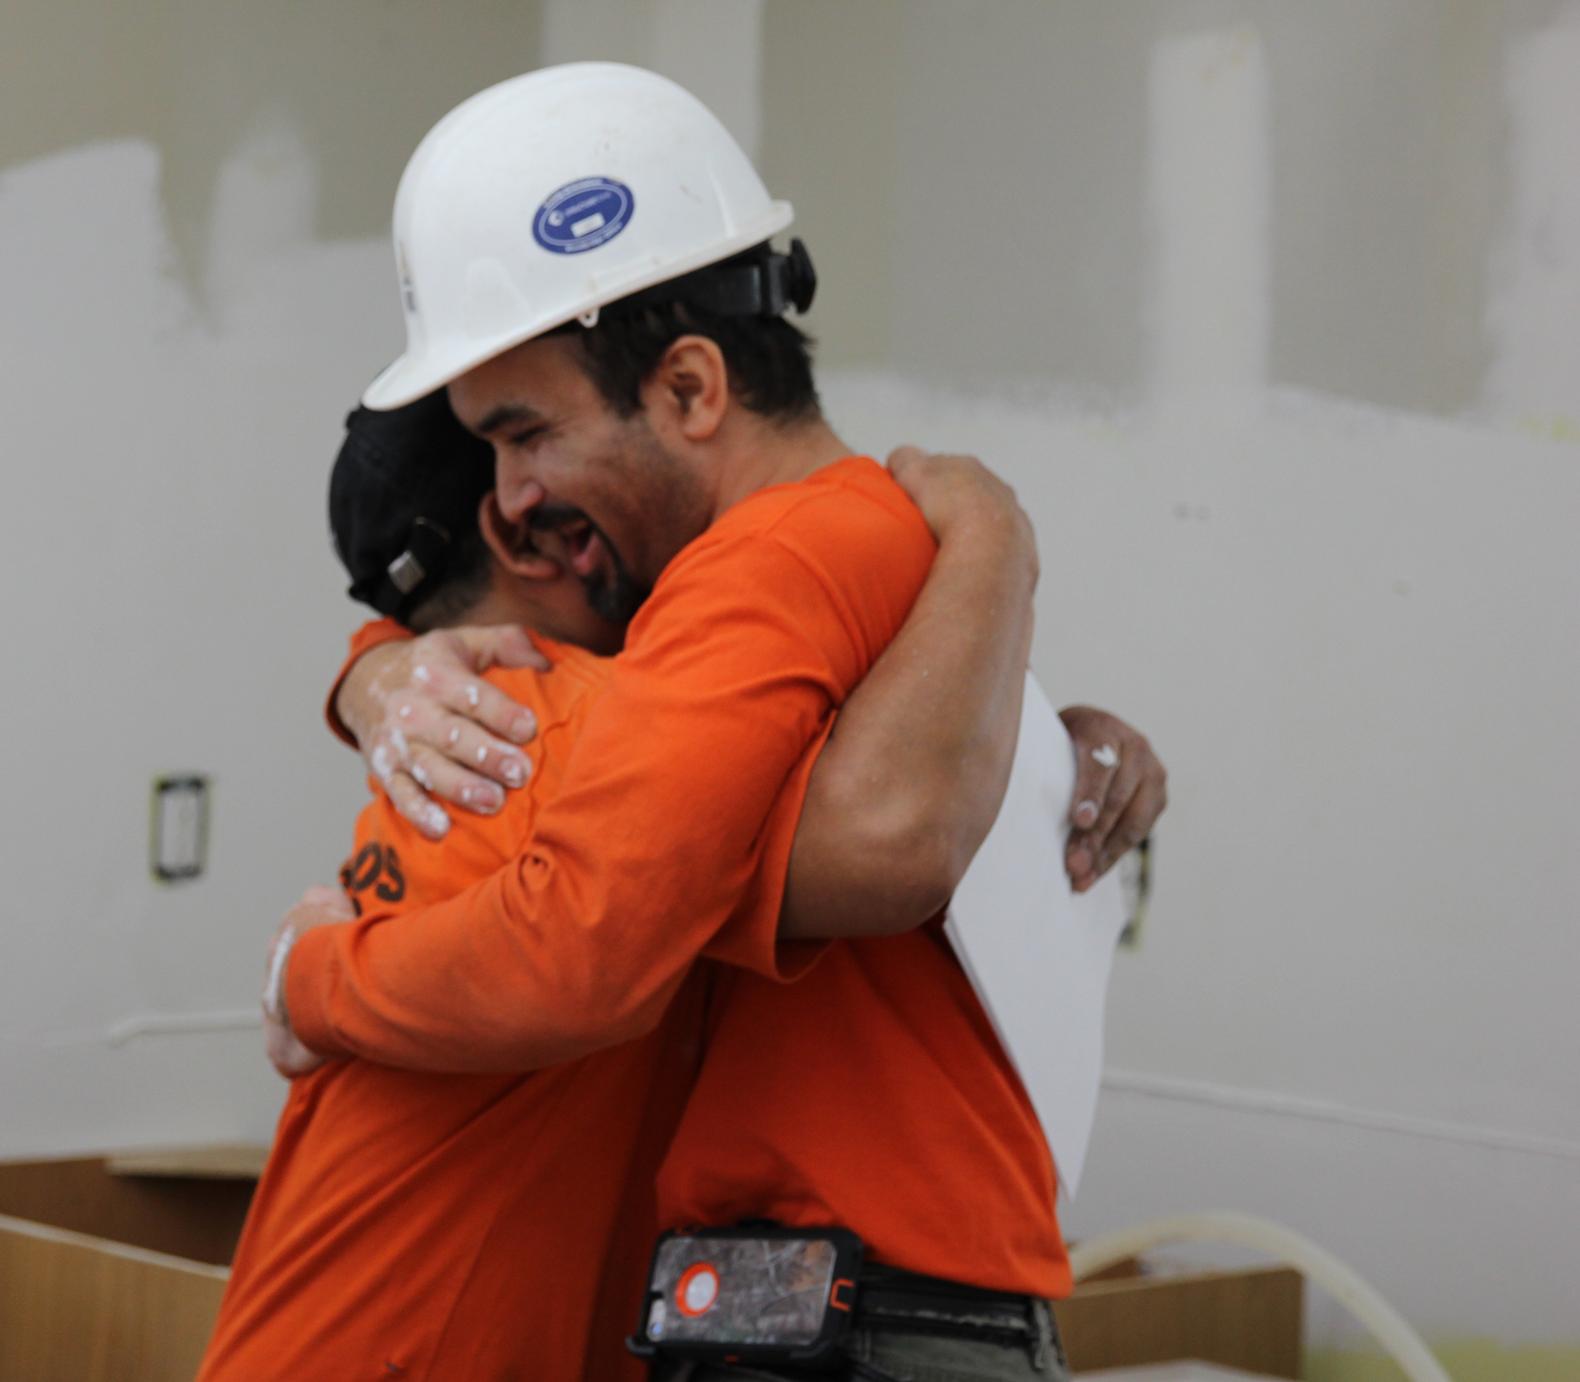 Daniel abraza a un compañero de trabajo tras recibir su visa U. (LIUNA)